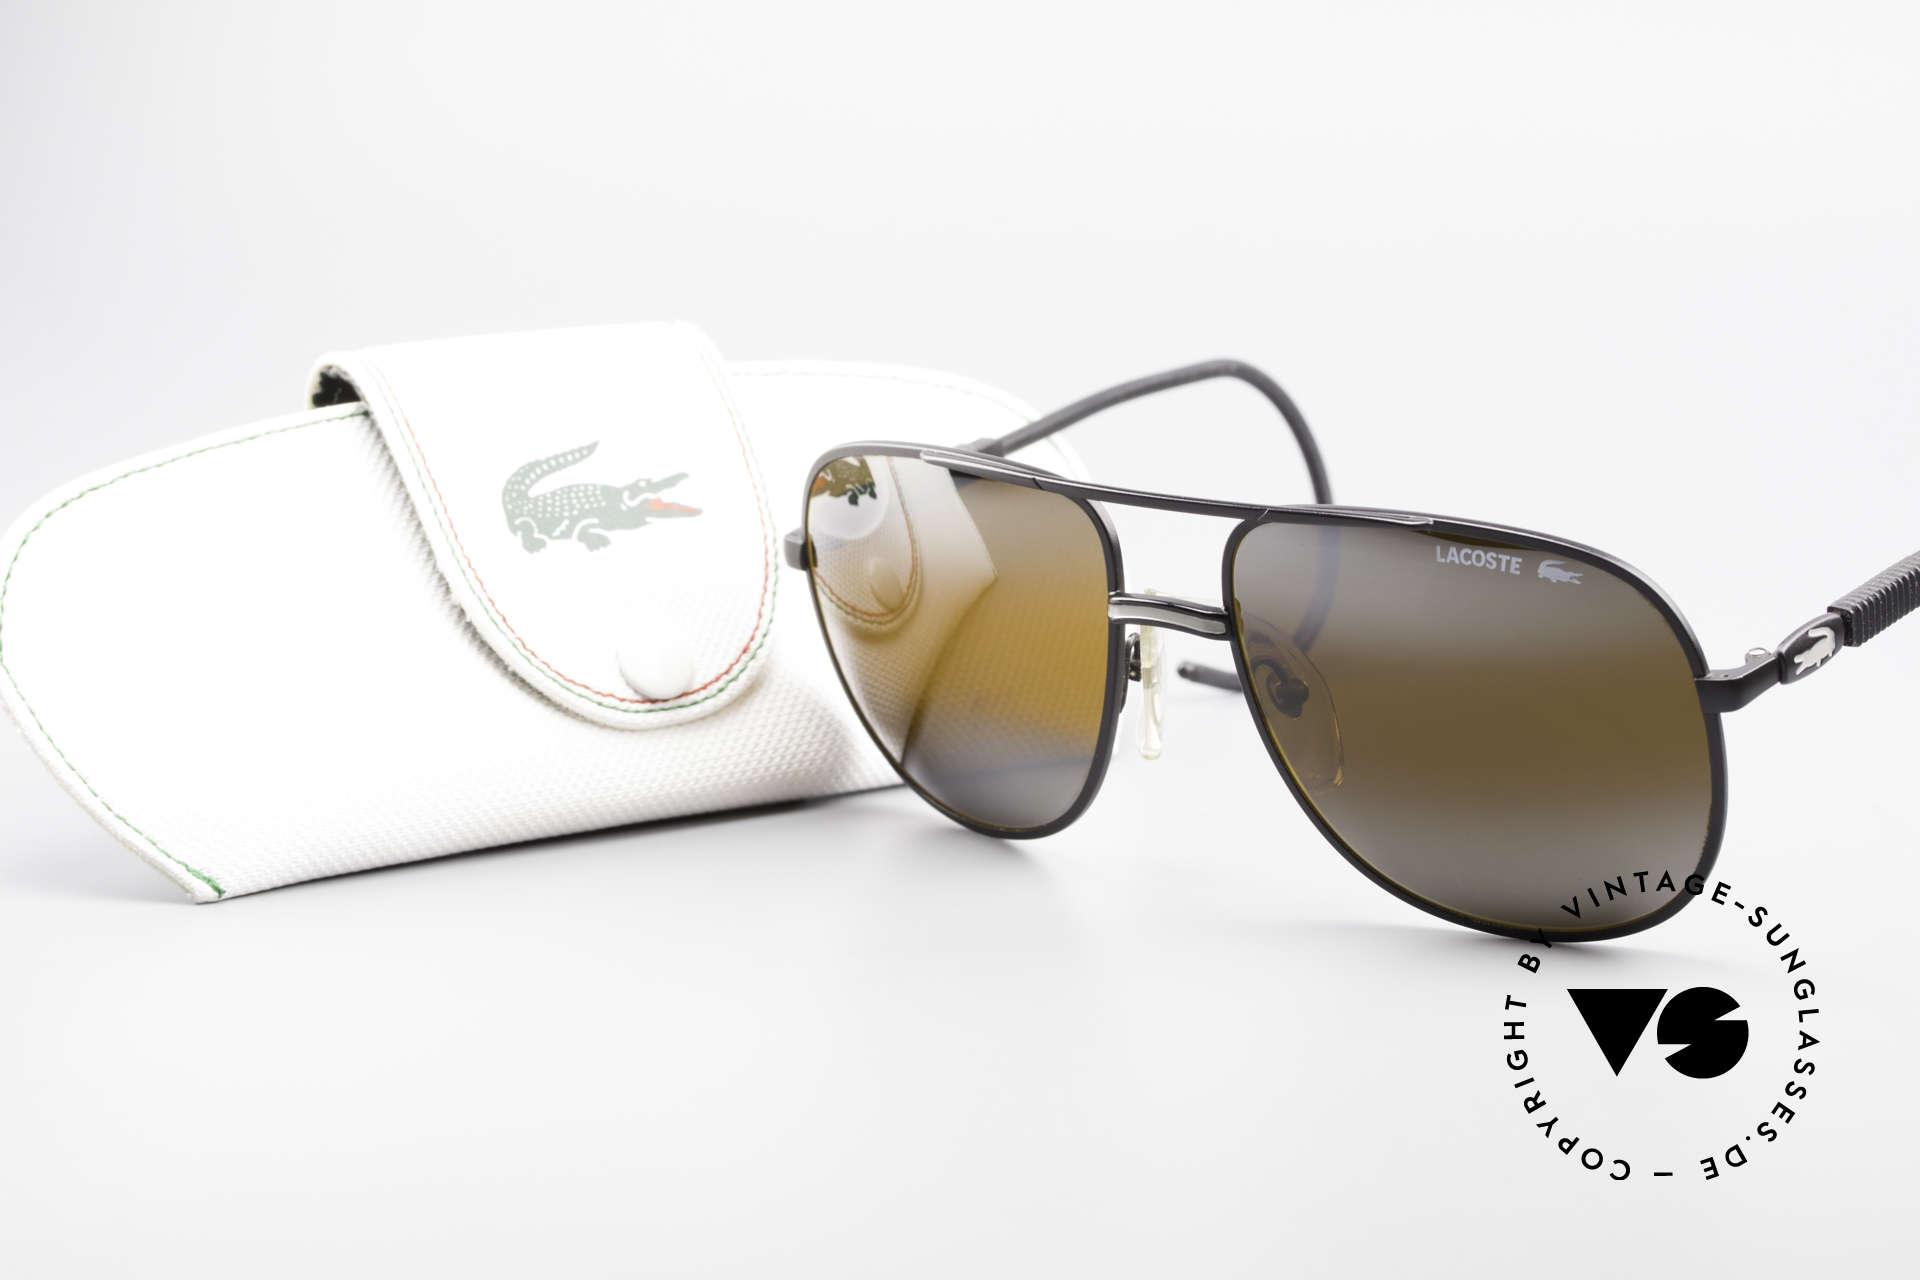 Lacoste 101S Sportliche Aviator Brille XL, Größe: large, Passend für Herren